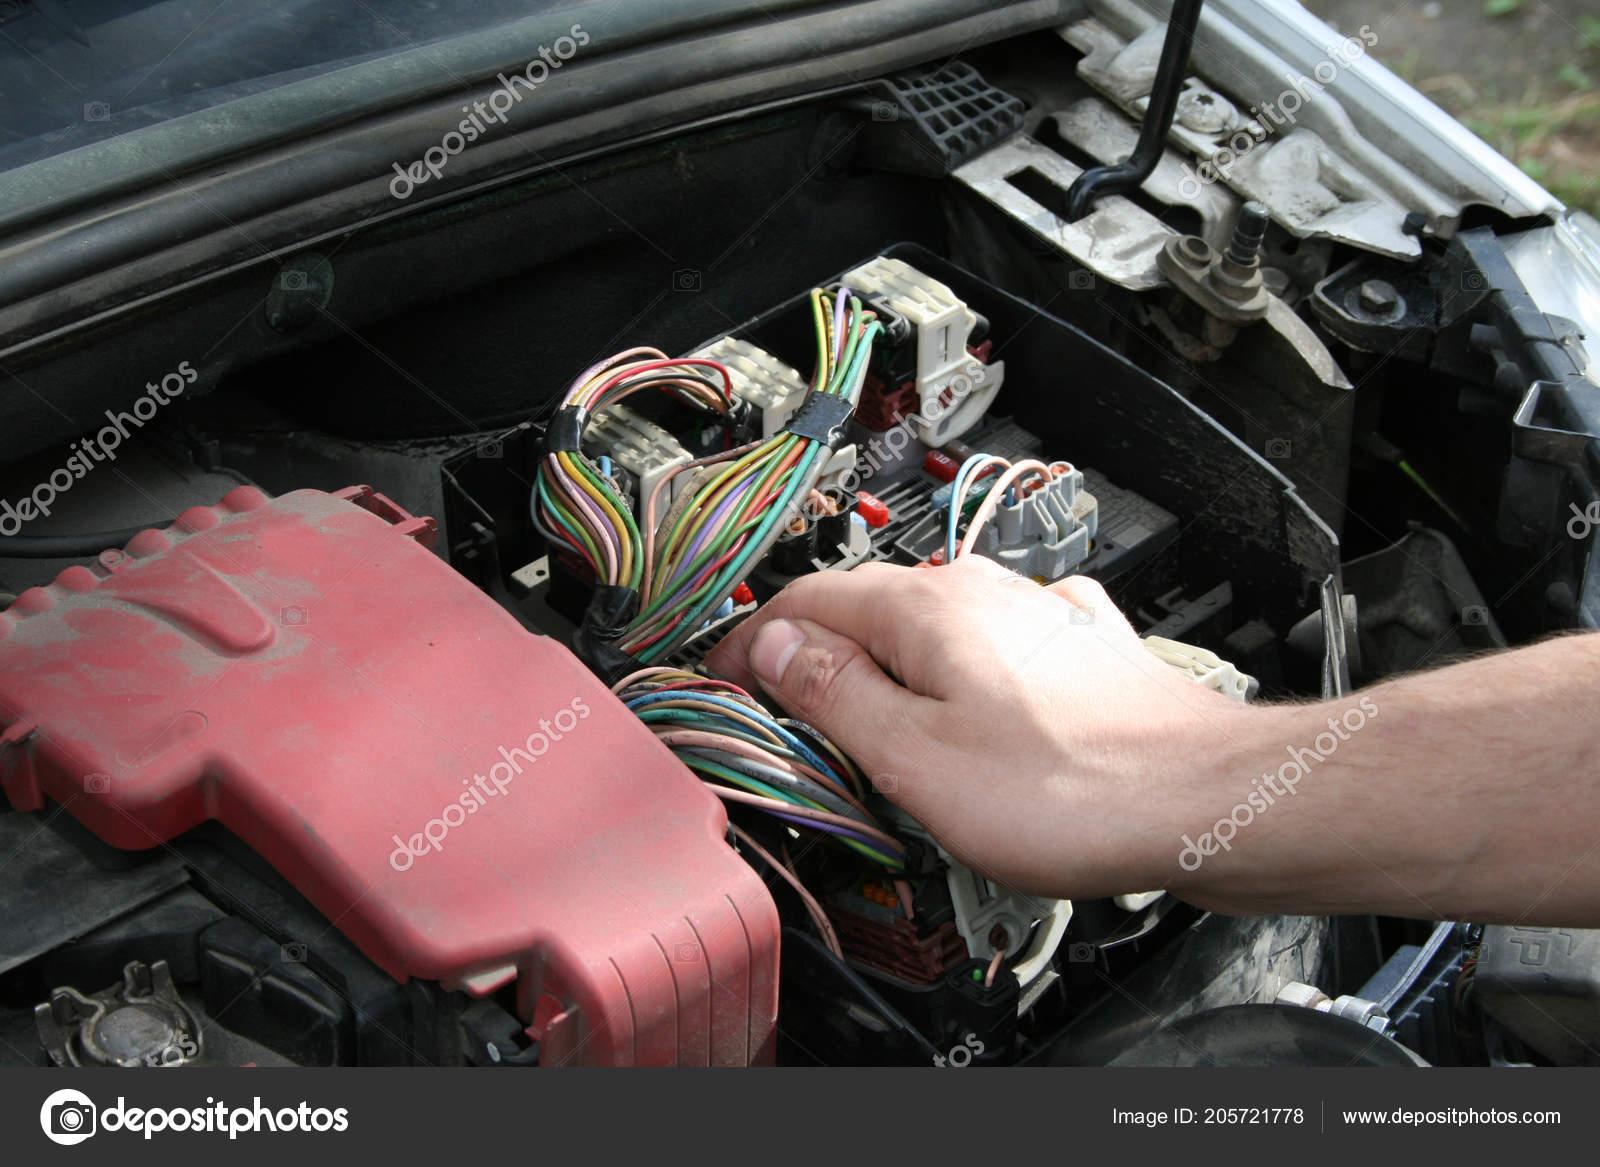 Mcanicien Automobile Vrifier Fusible Voiture Photographie How To Test Electrical Circuits Une Un De Image Dimka1109